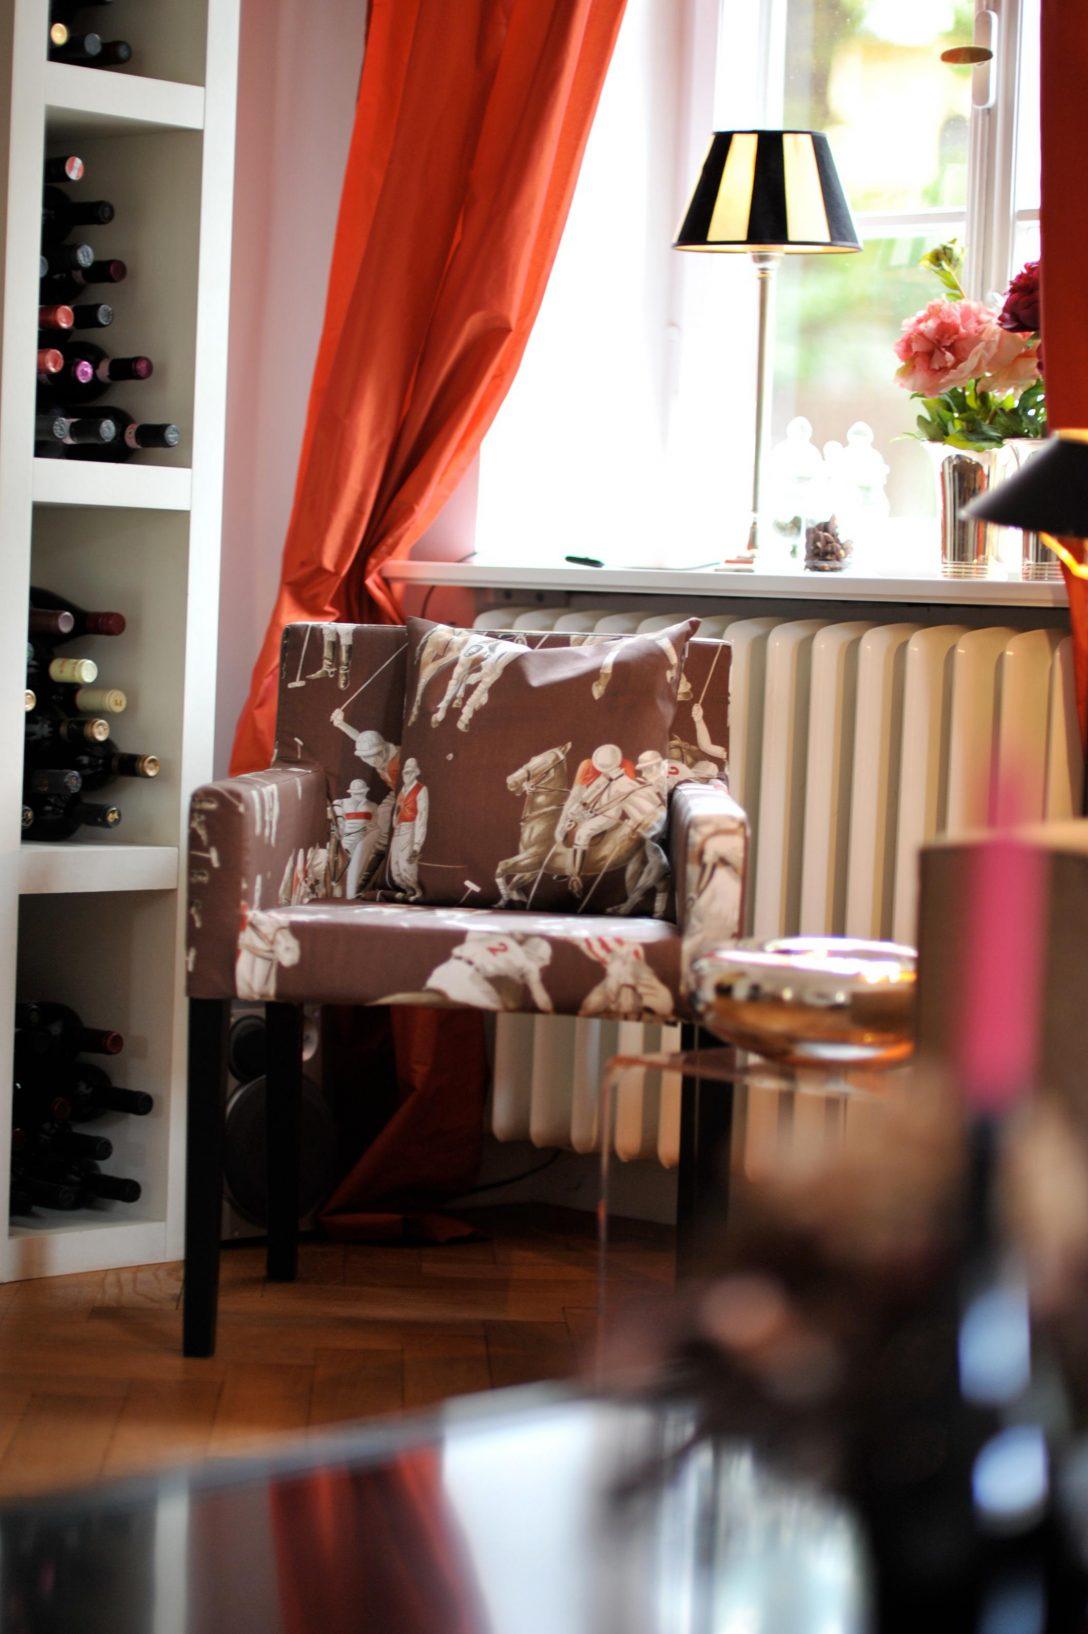 Large Size of Gemusterter Sessel Fr Das Wohnzimmer Stuhl Sesse Hängeschrank Decke Led Lampen Board Landhausstil Anbauwand Beleuchtung Ikea Miniküche Betten Bei Wohnzimmer Gardinen Wohnzimmer Ikea